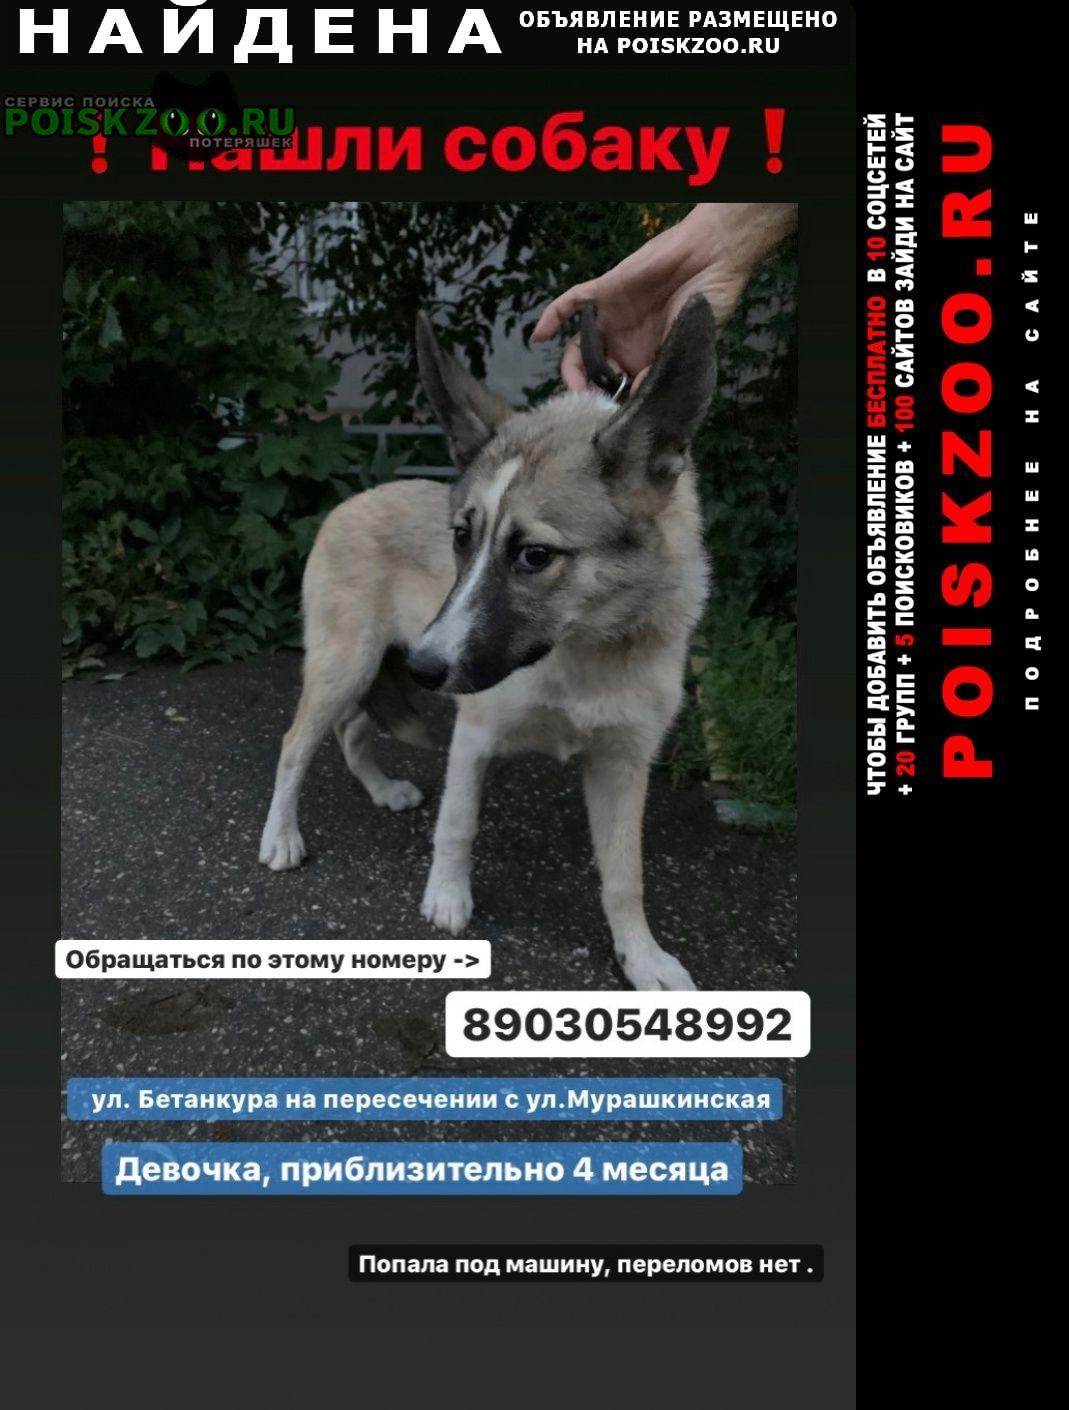 Найдена собака ищу хозяина или добрые руки Нижний Новгород